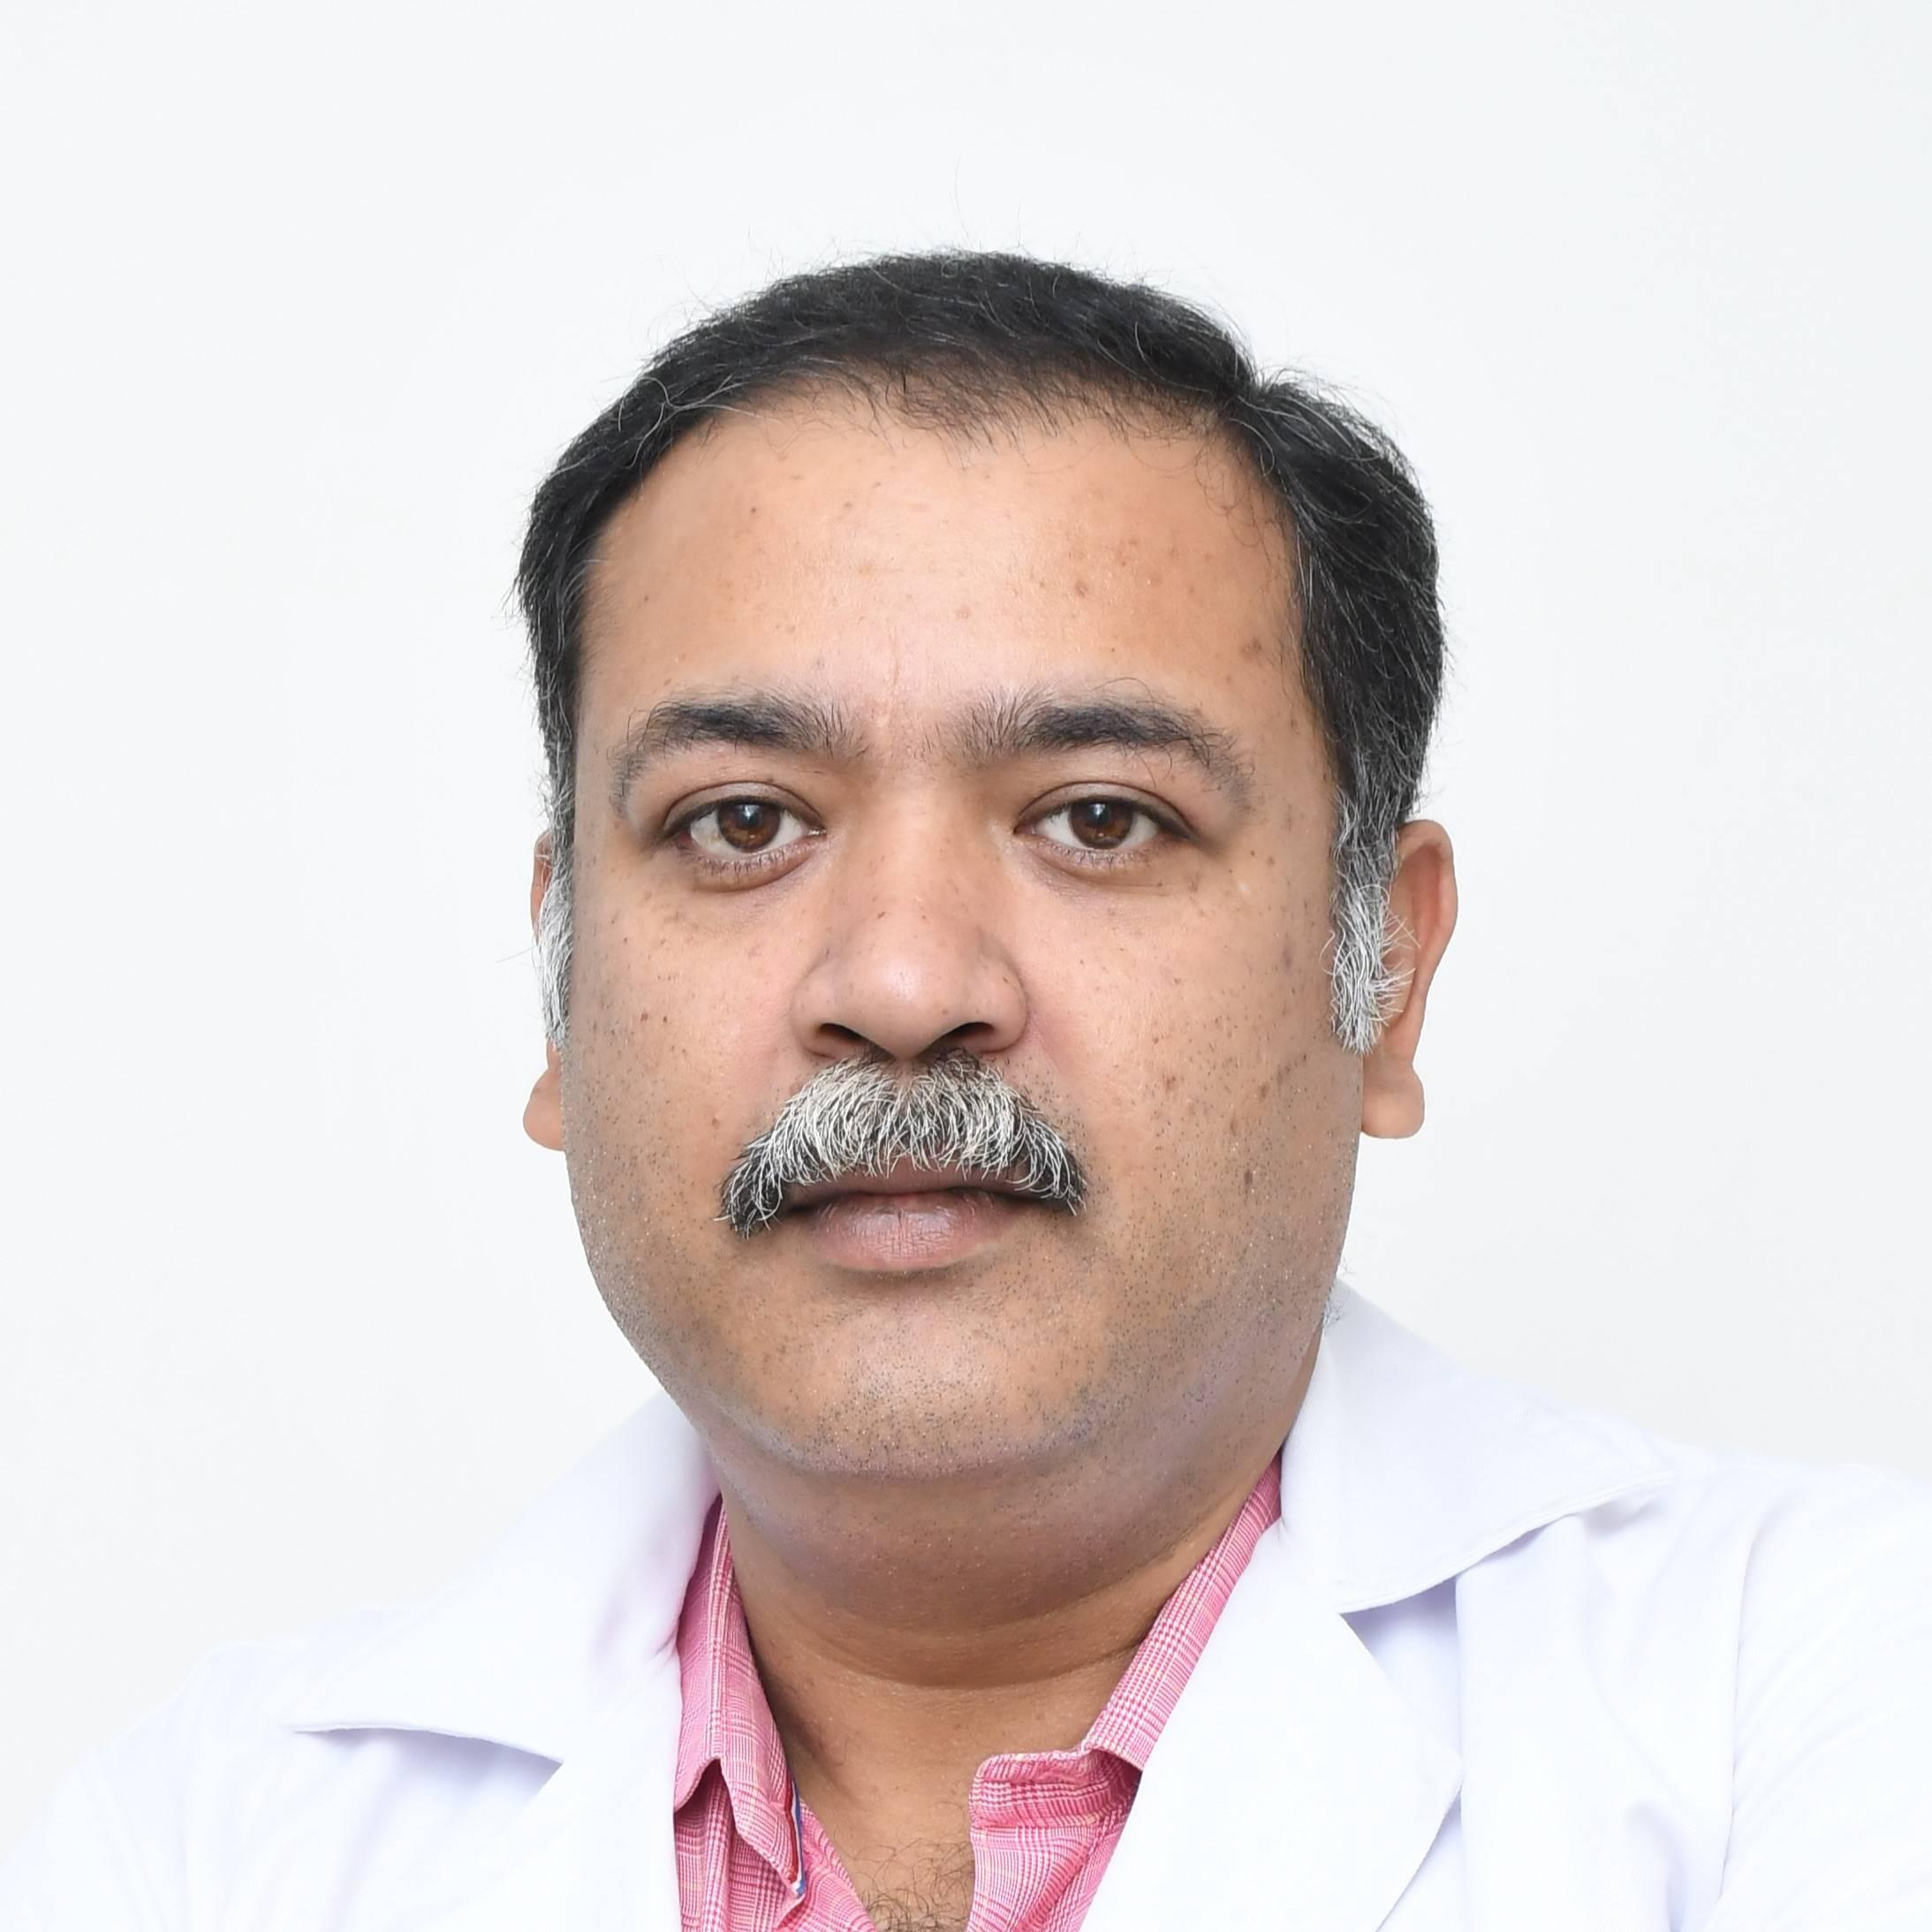 Dr. Snehadrit Mukherjee